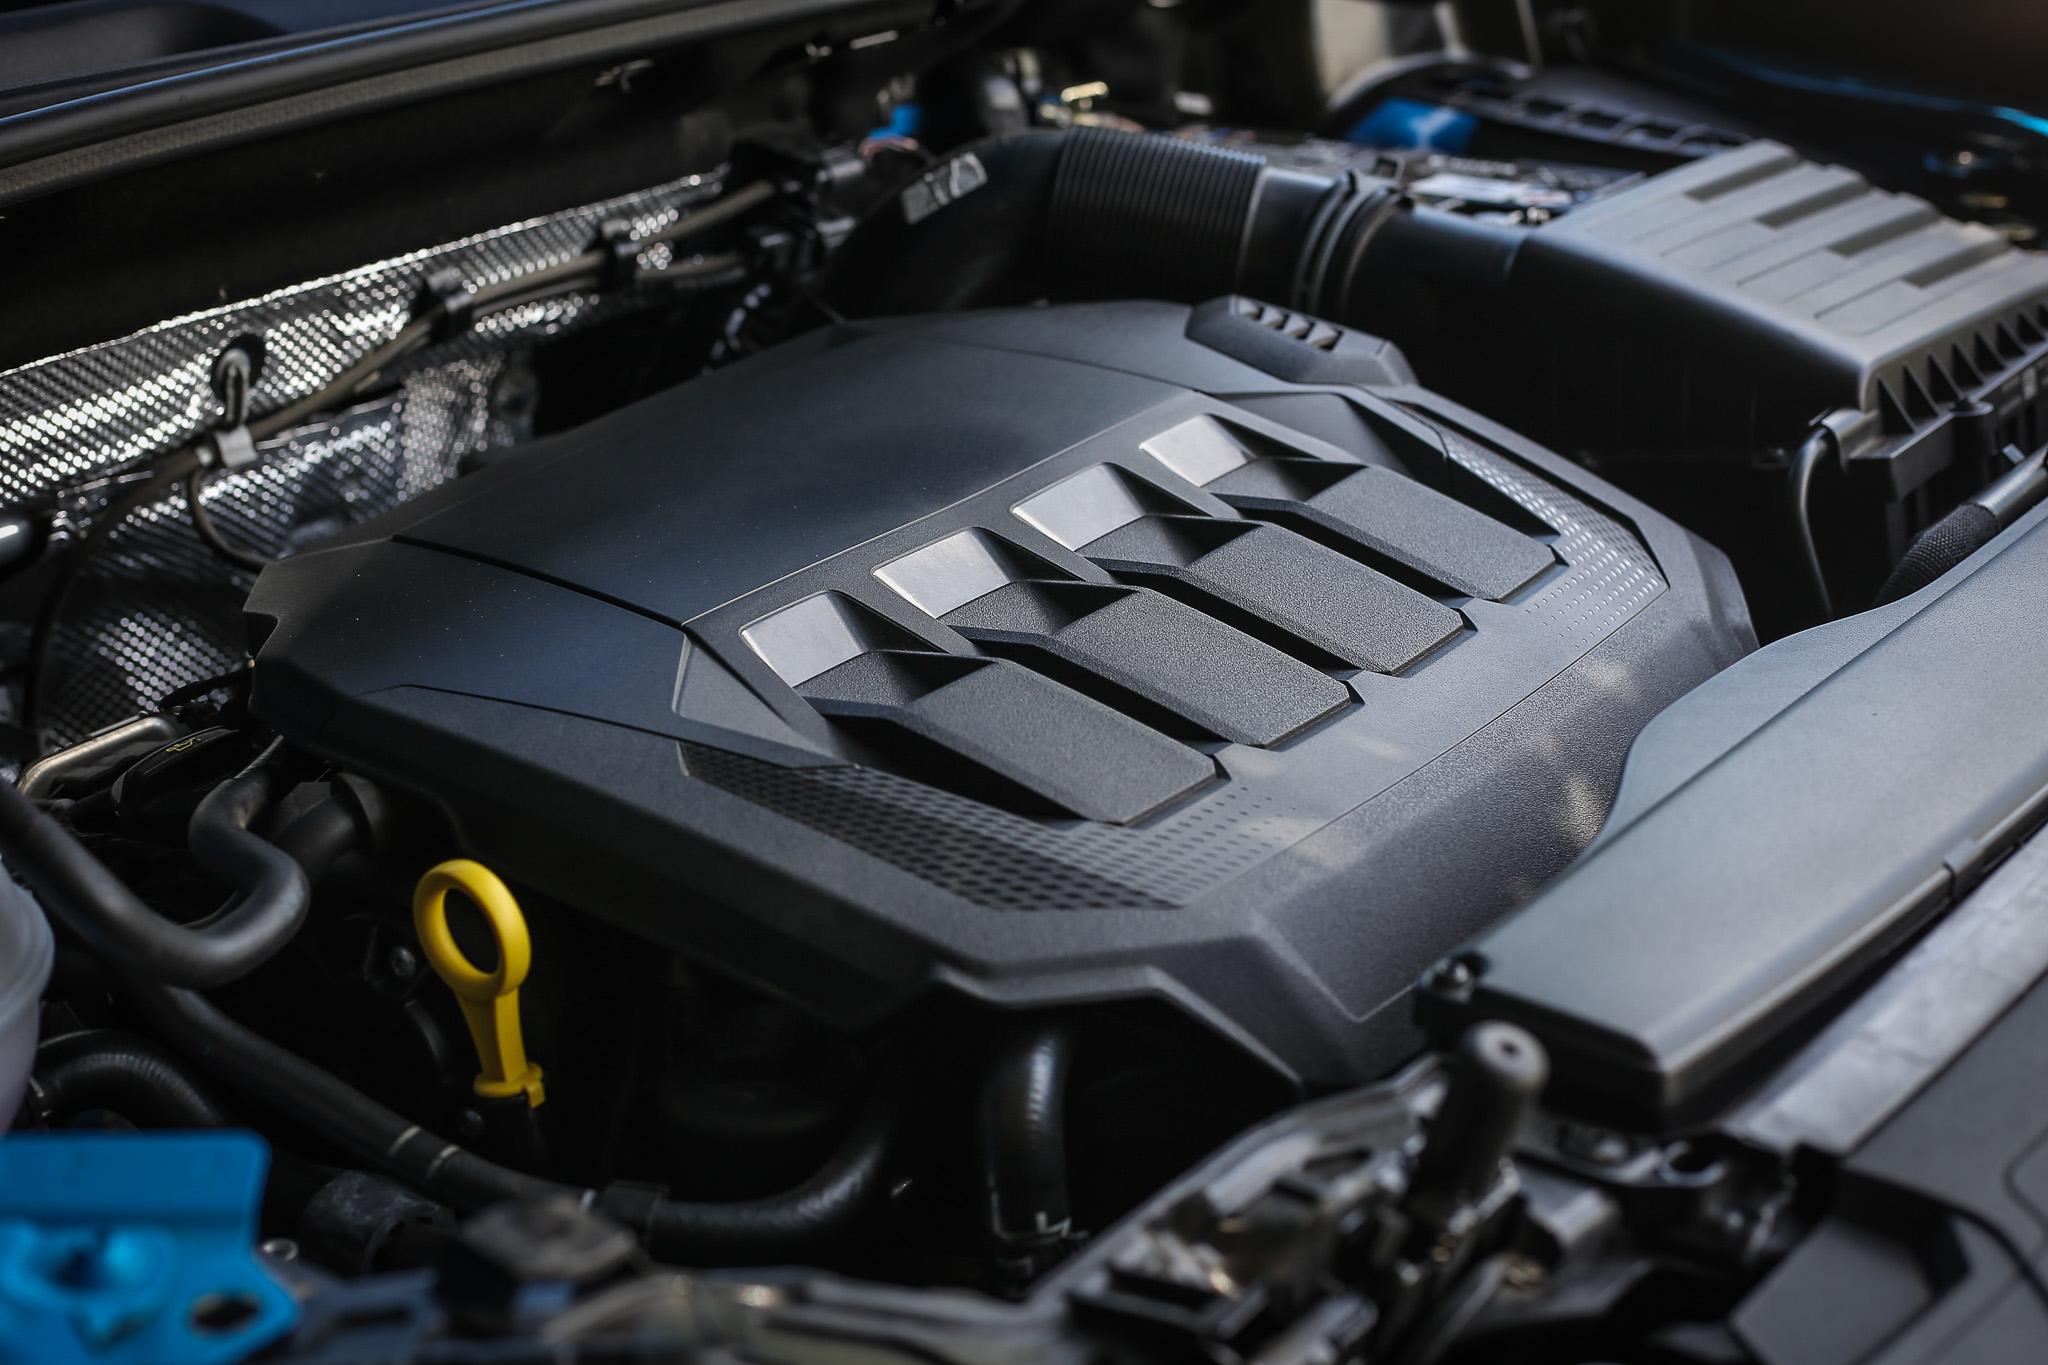 搭載 2.0 升渦輪增壓直列四缸汽油引擎,具備 190hp/4200~6700rpm 最大馬力與 320Nm/1500~4100rpm 最大扭力輸出。